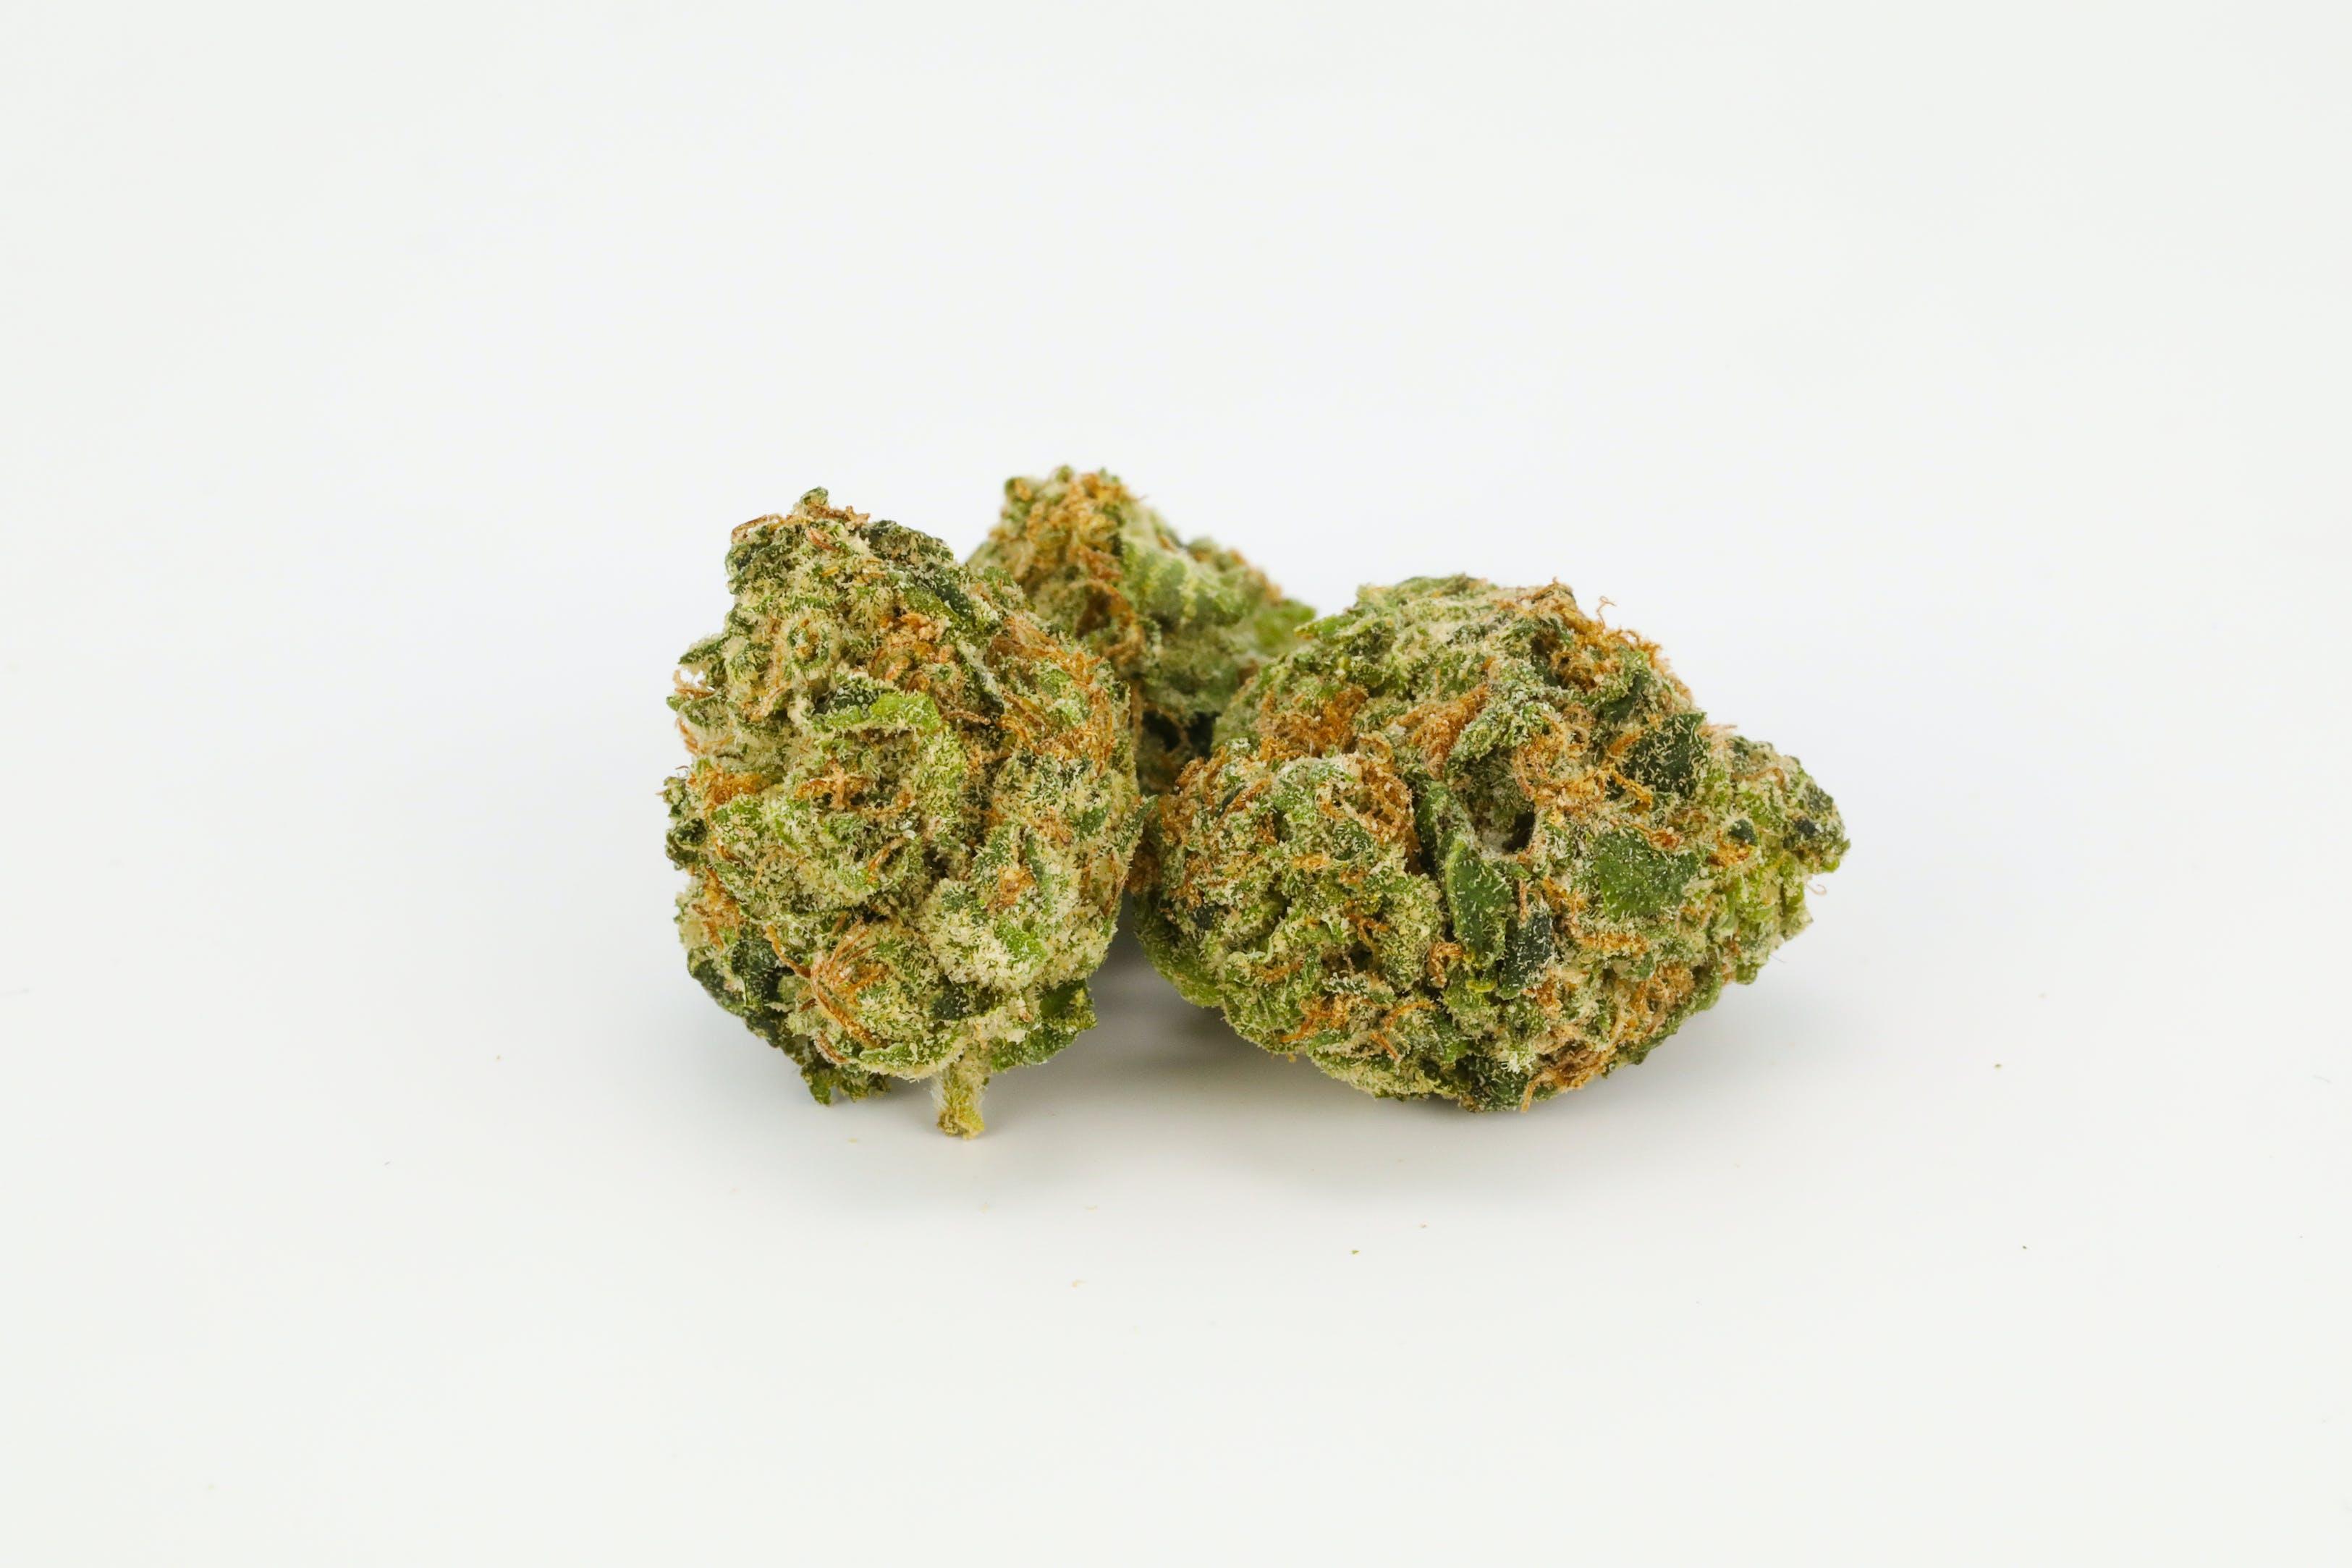 Raspberry Kush Weed; Raspberry Kush Cannabis Strain; Raspberry Kush Indica Marijuana Strain